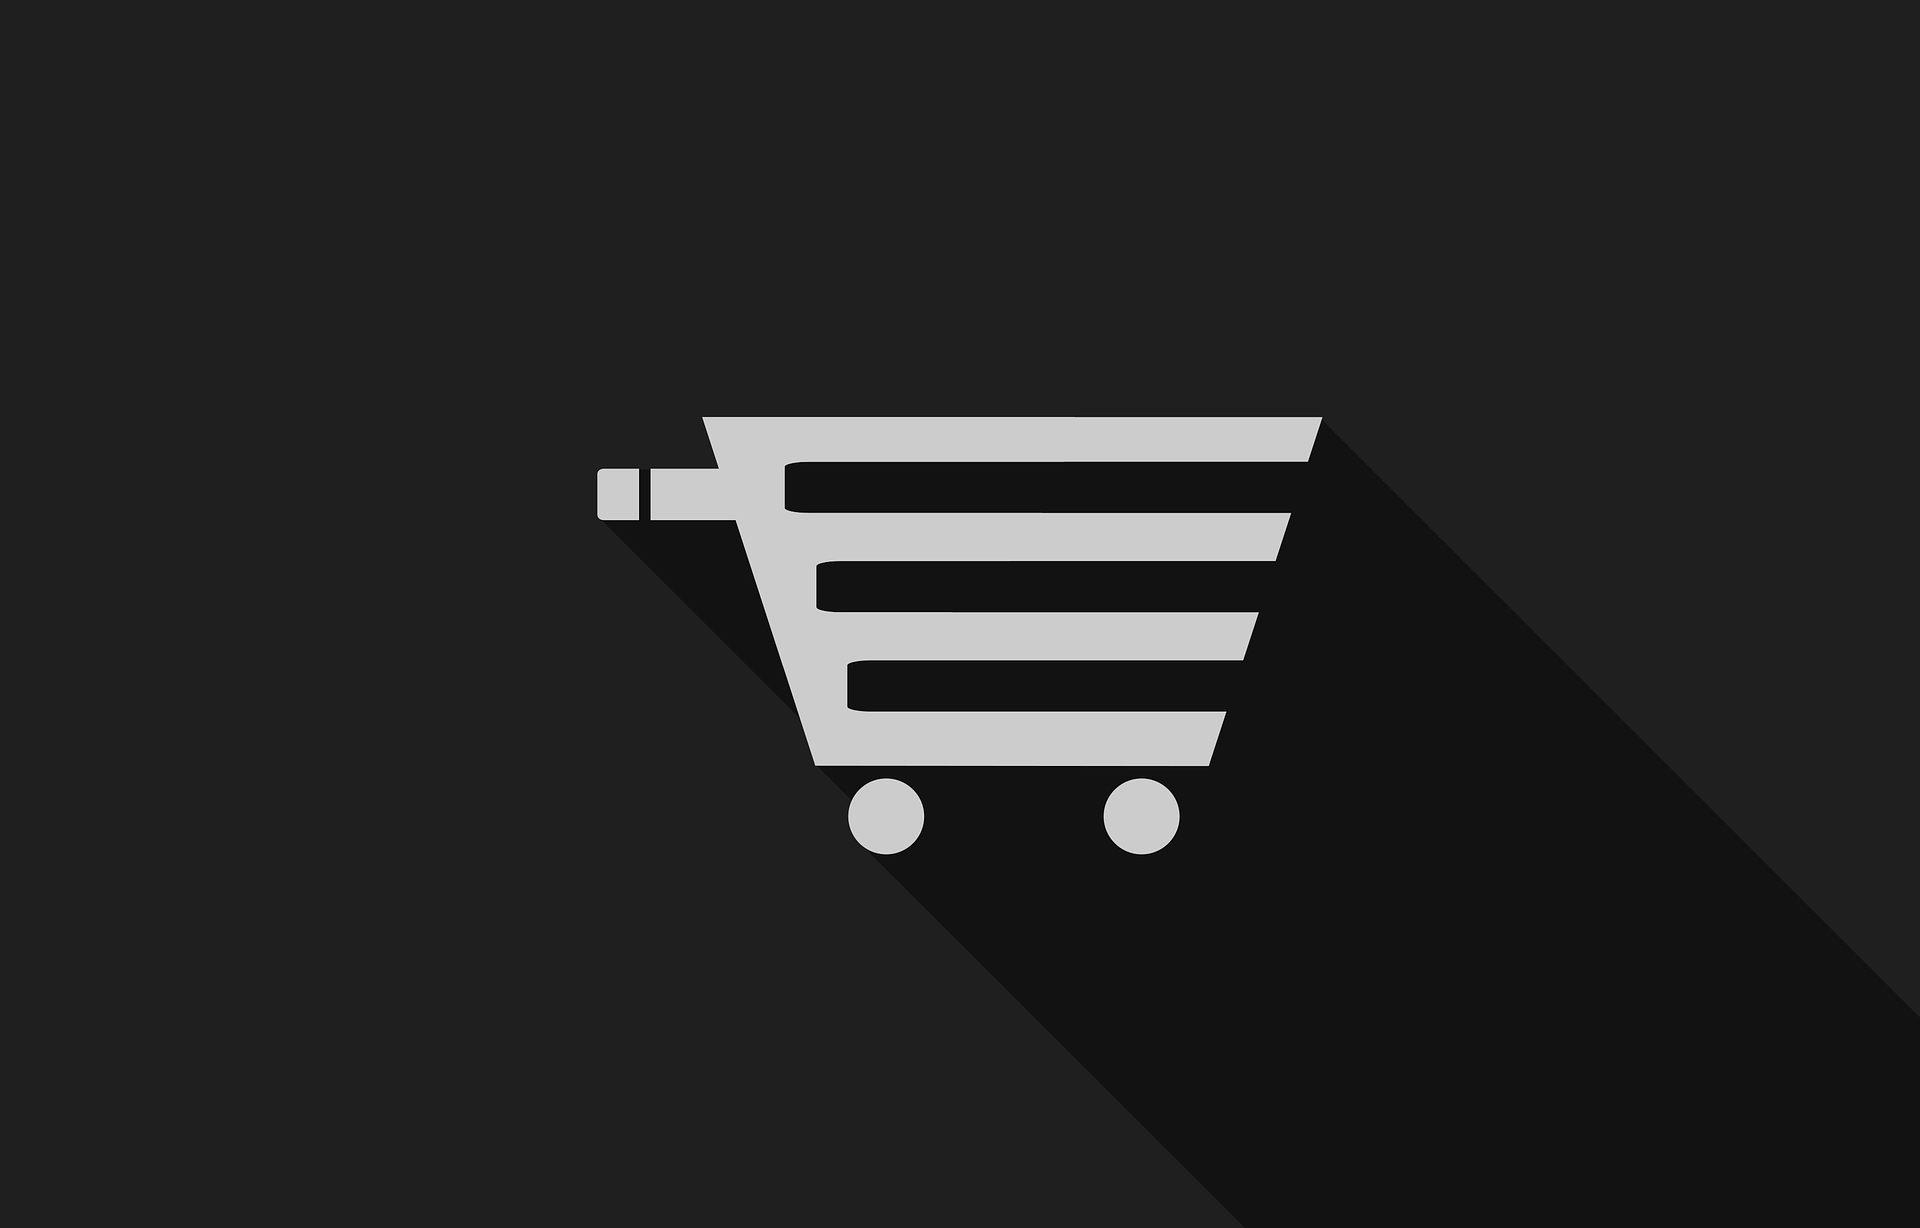 carrinho, compra, caminho, comercio electrónico, comércio eletrônico, loja online - Papéis de parede HD - Professor-falken.com